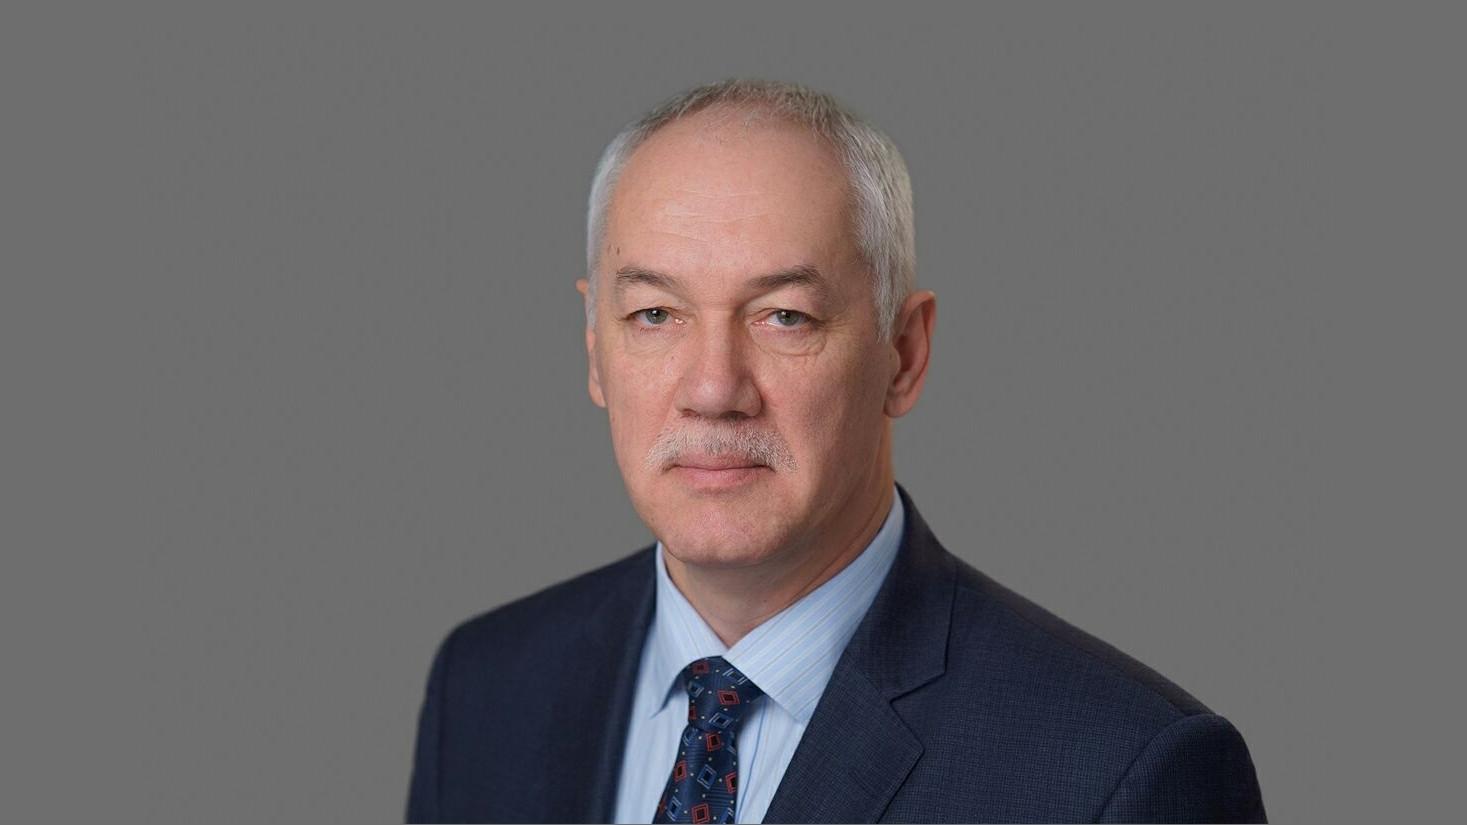 Председатель Думы Владивостока Андрей Брик поздравляет горожан